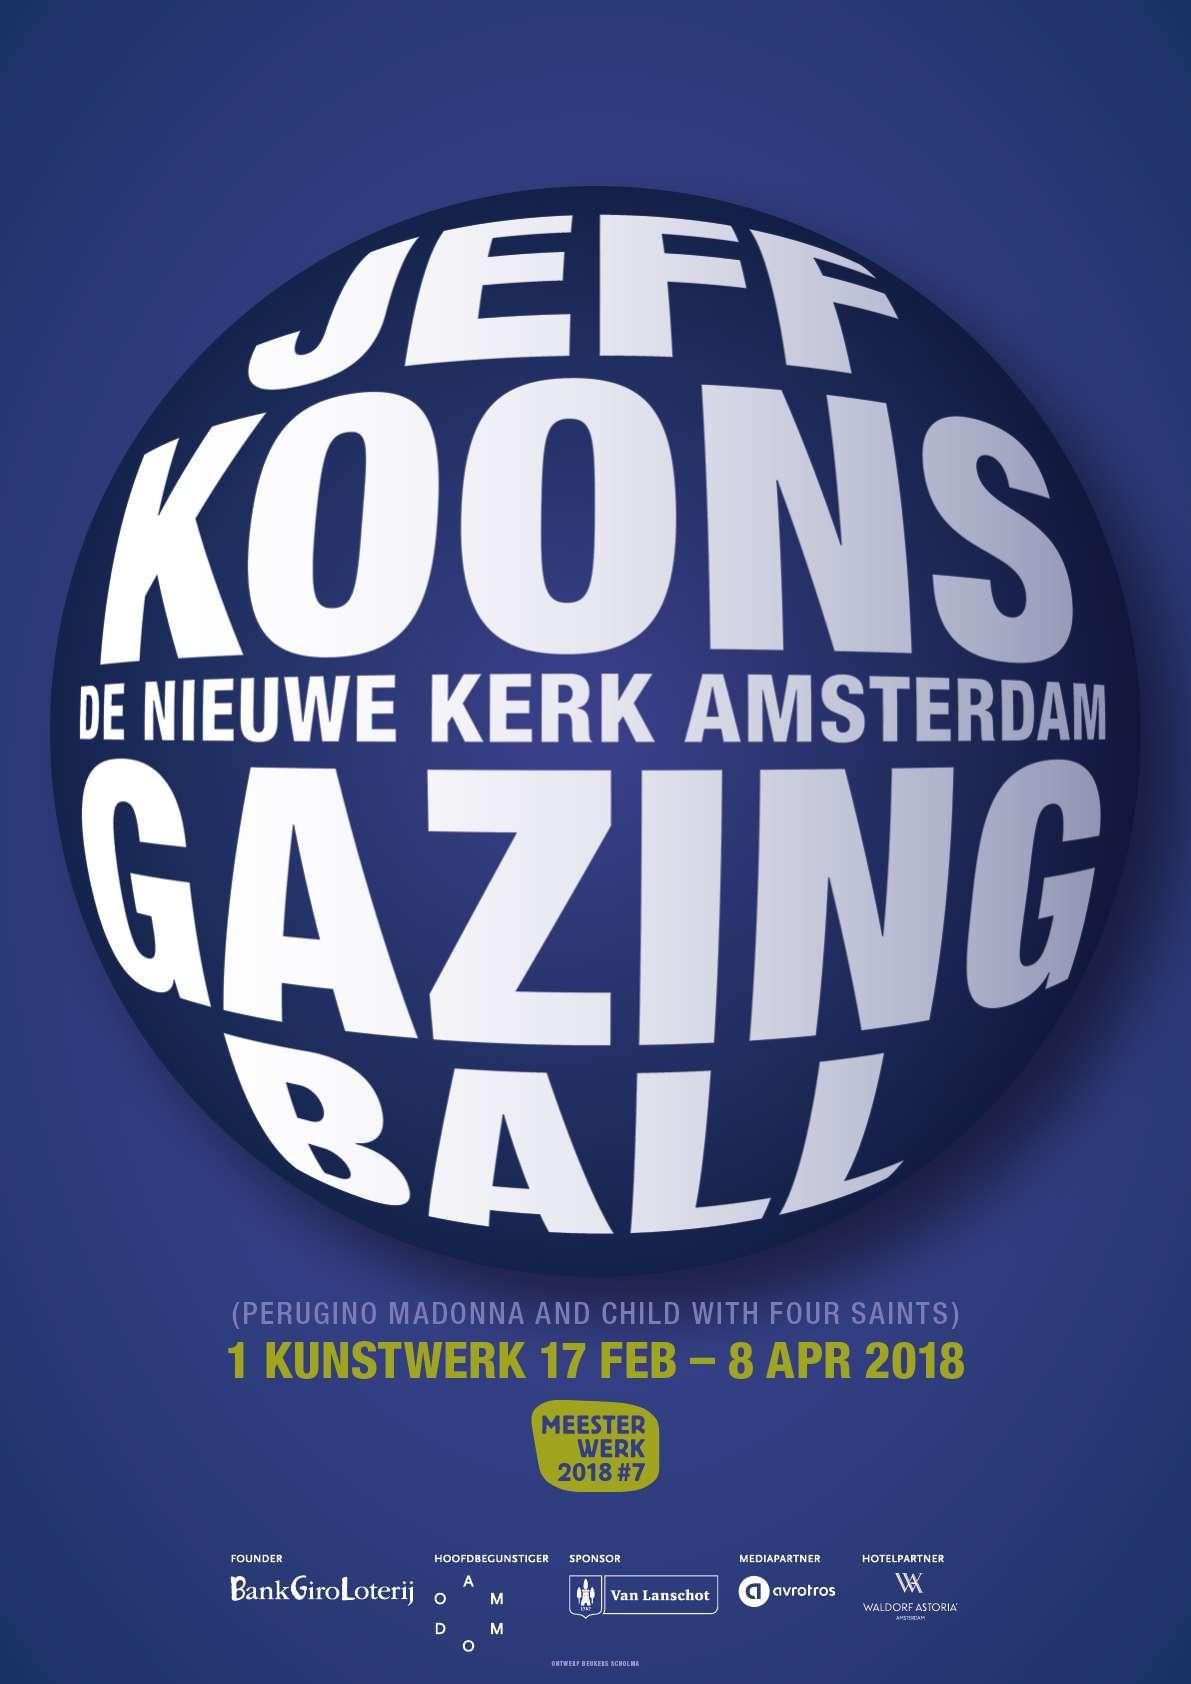 Meesterwerk 2018 Jeff Koons Gazing Ball